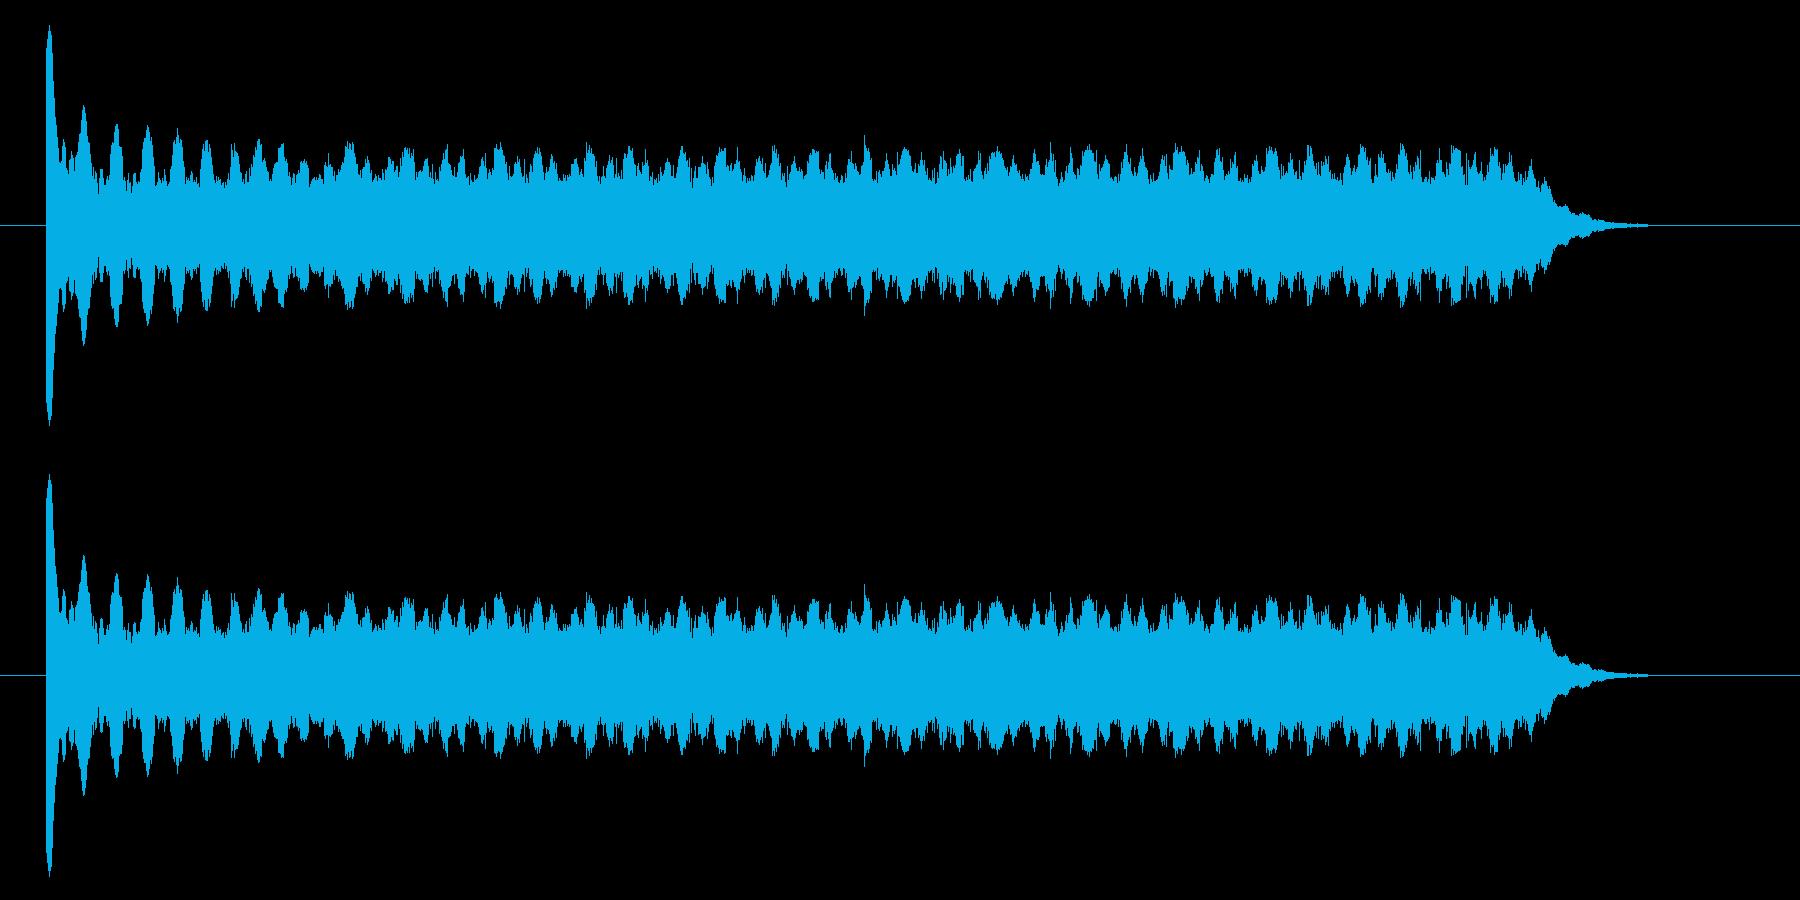 メーター上昇/エネルギー充電のようなSEの再生済みの波形